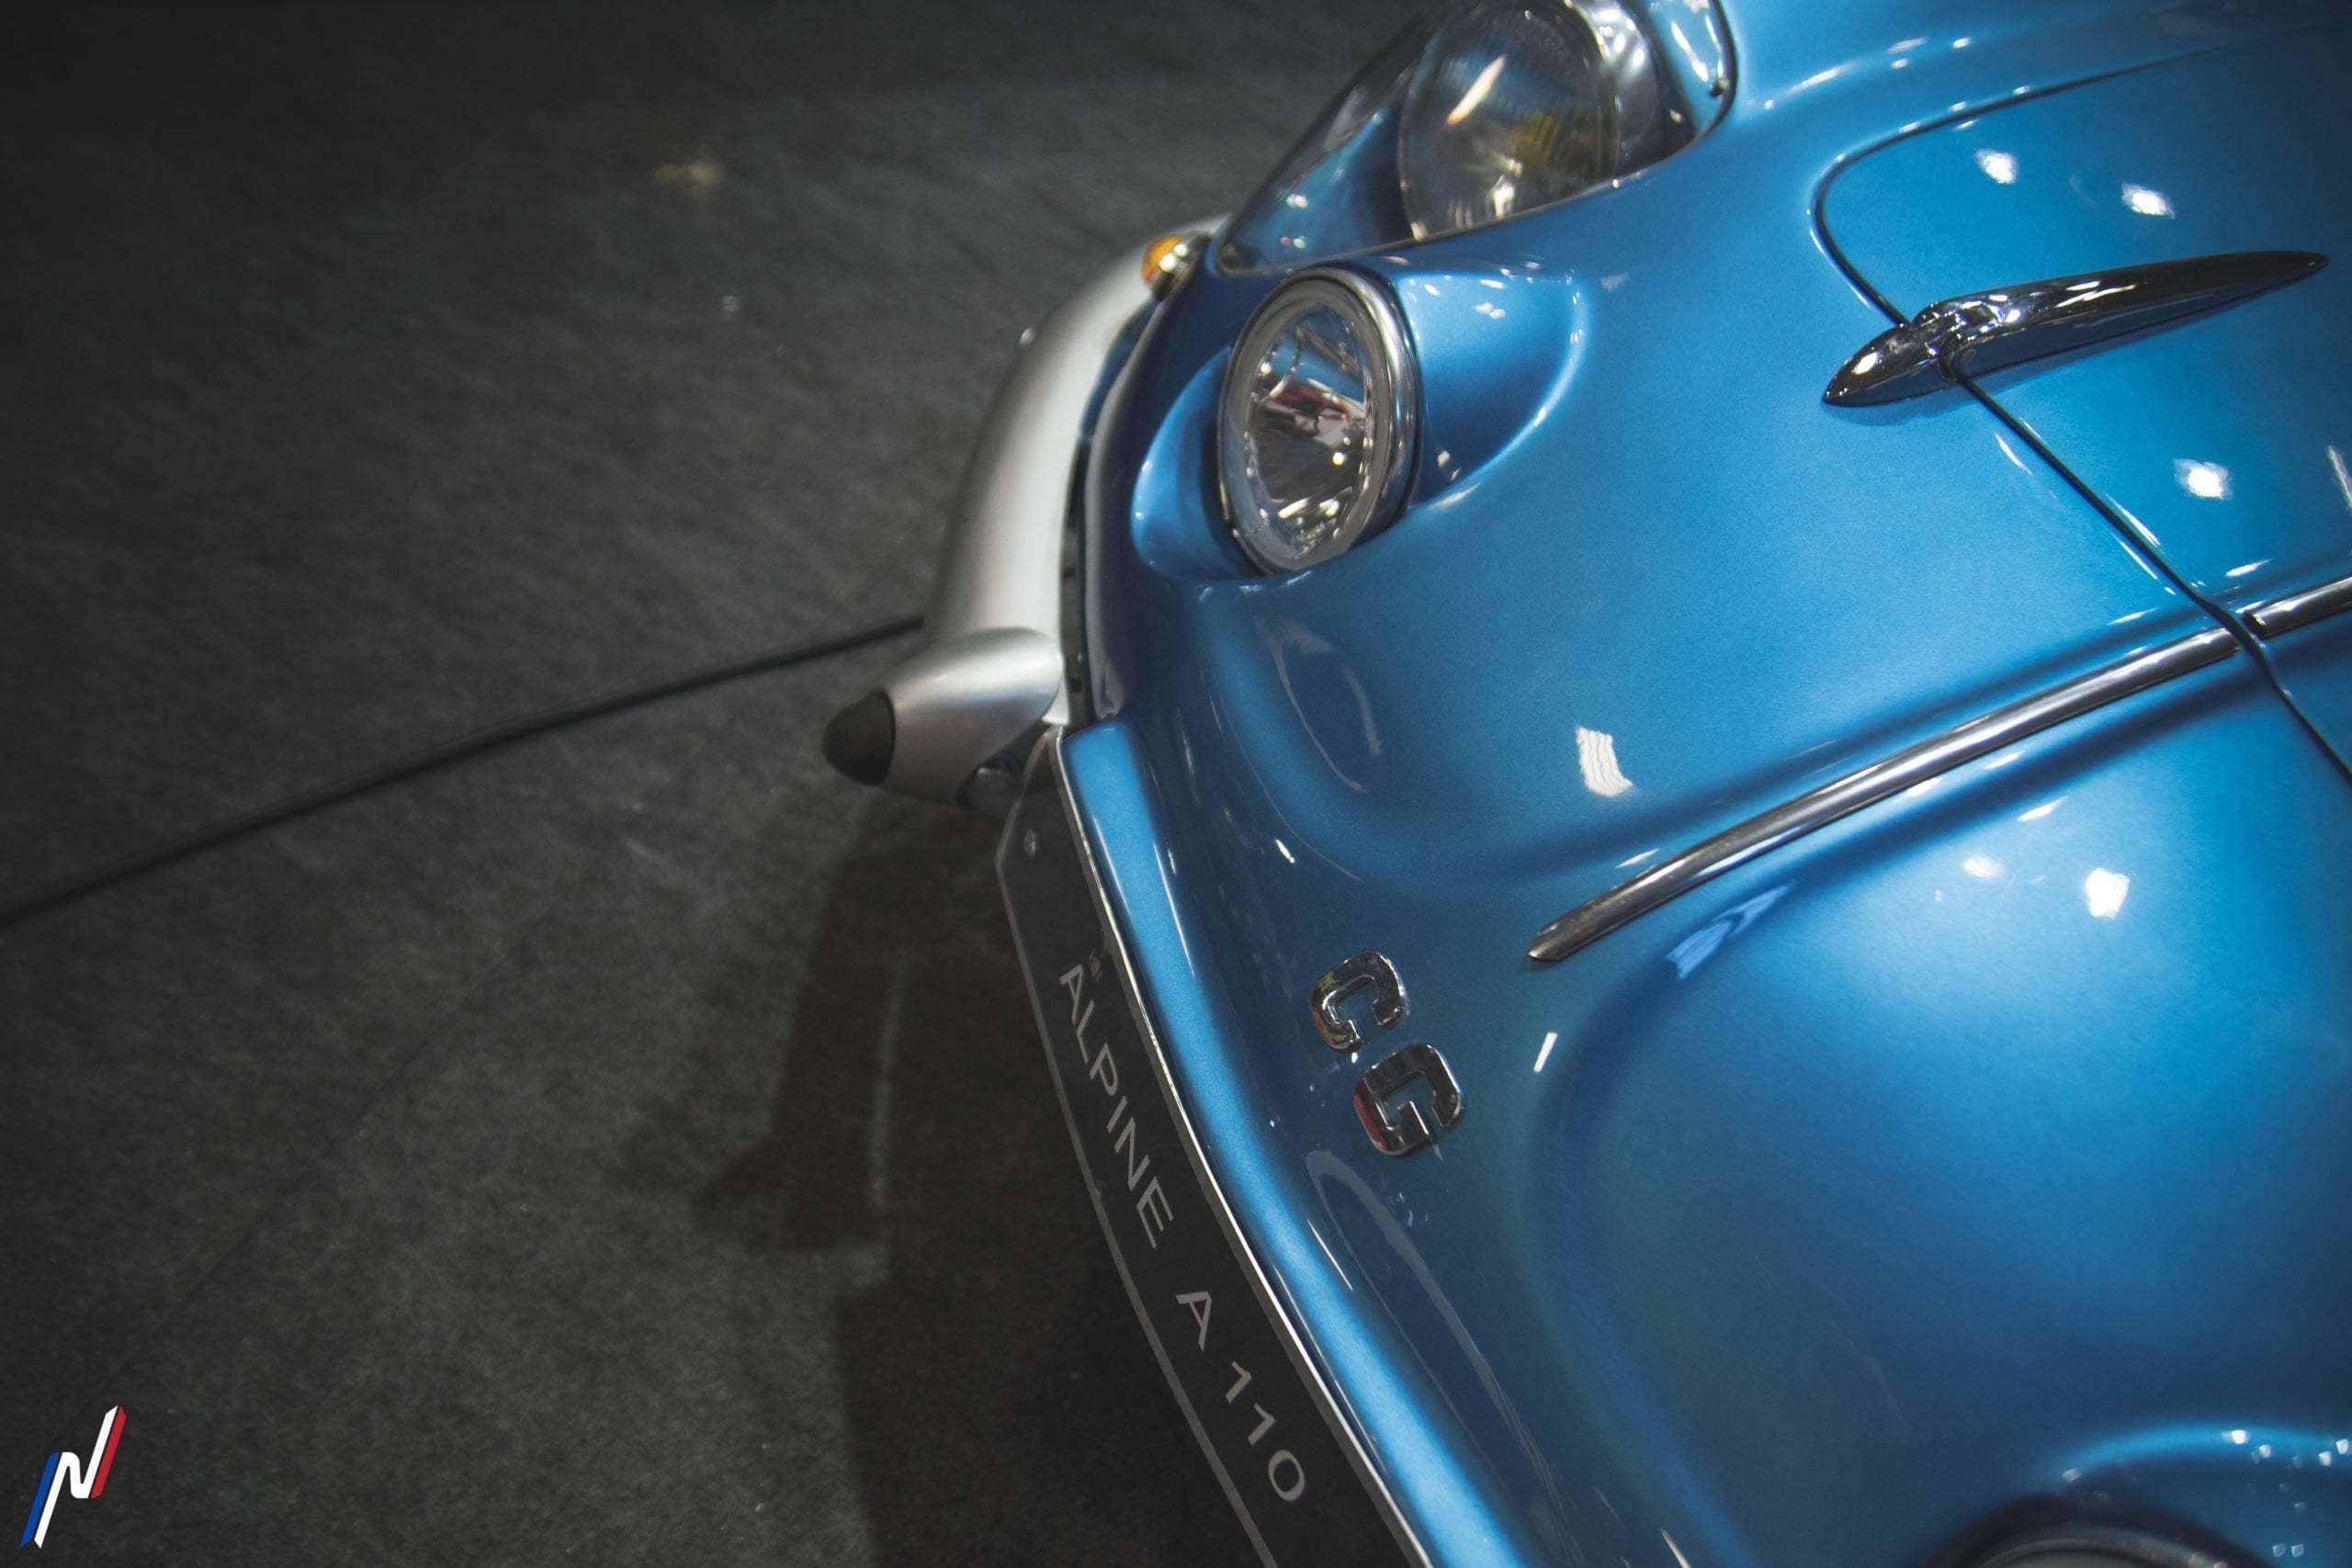 Rétromobile 2020 7 scaled - Rétromobile 2020: les Alpine en présence